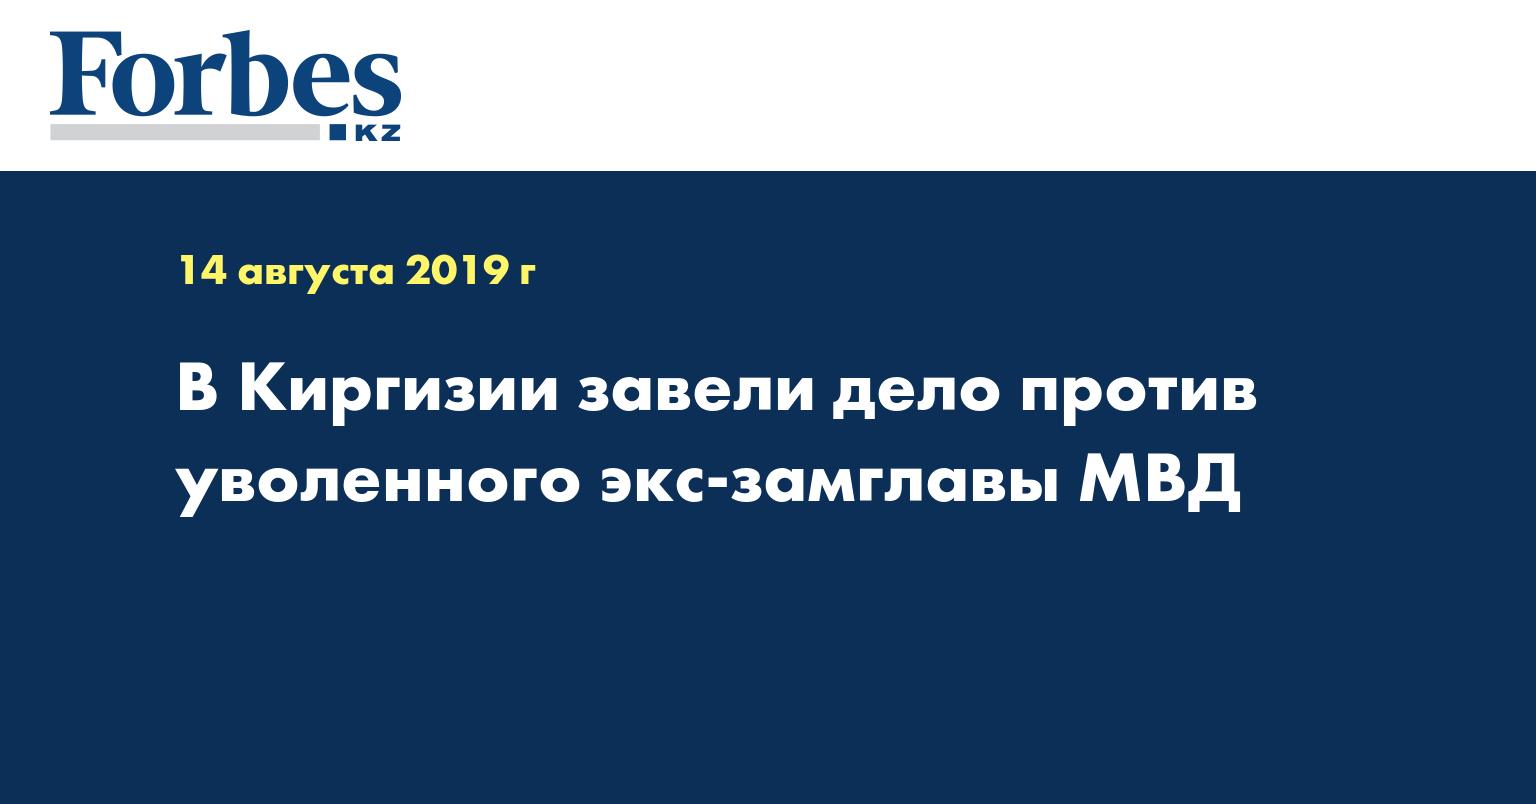 В Киргизии завели дело против уволенного экс-замглавы МВД